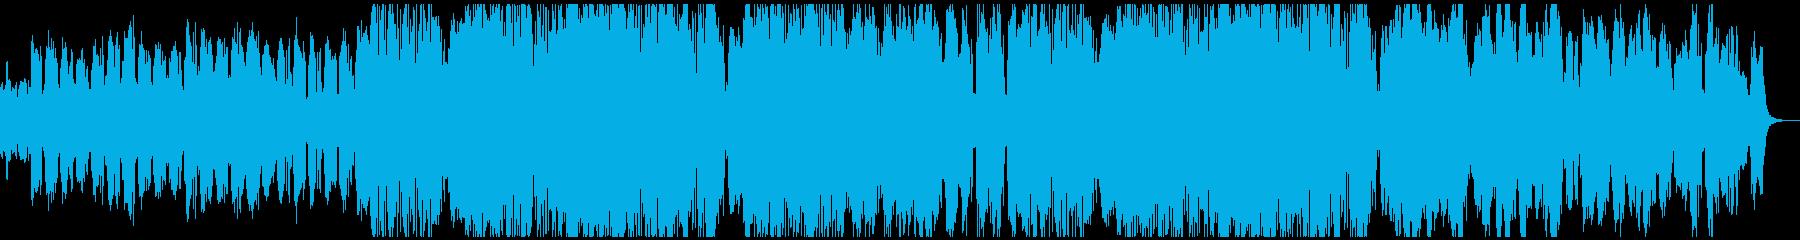 これは、空気のような暗いドラムとベ...の再生済みの波形